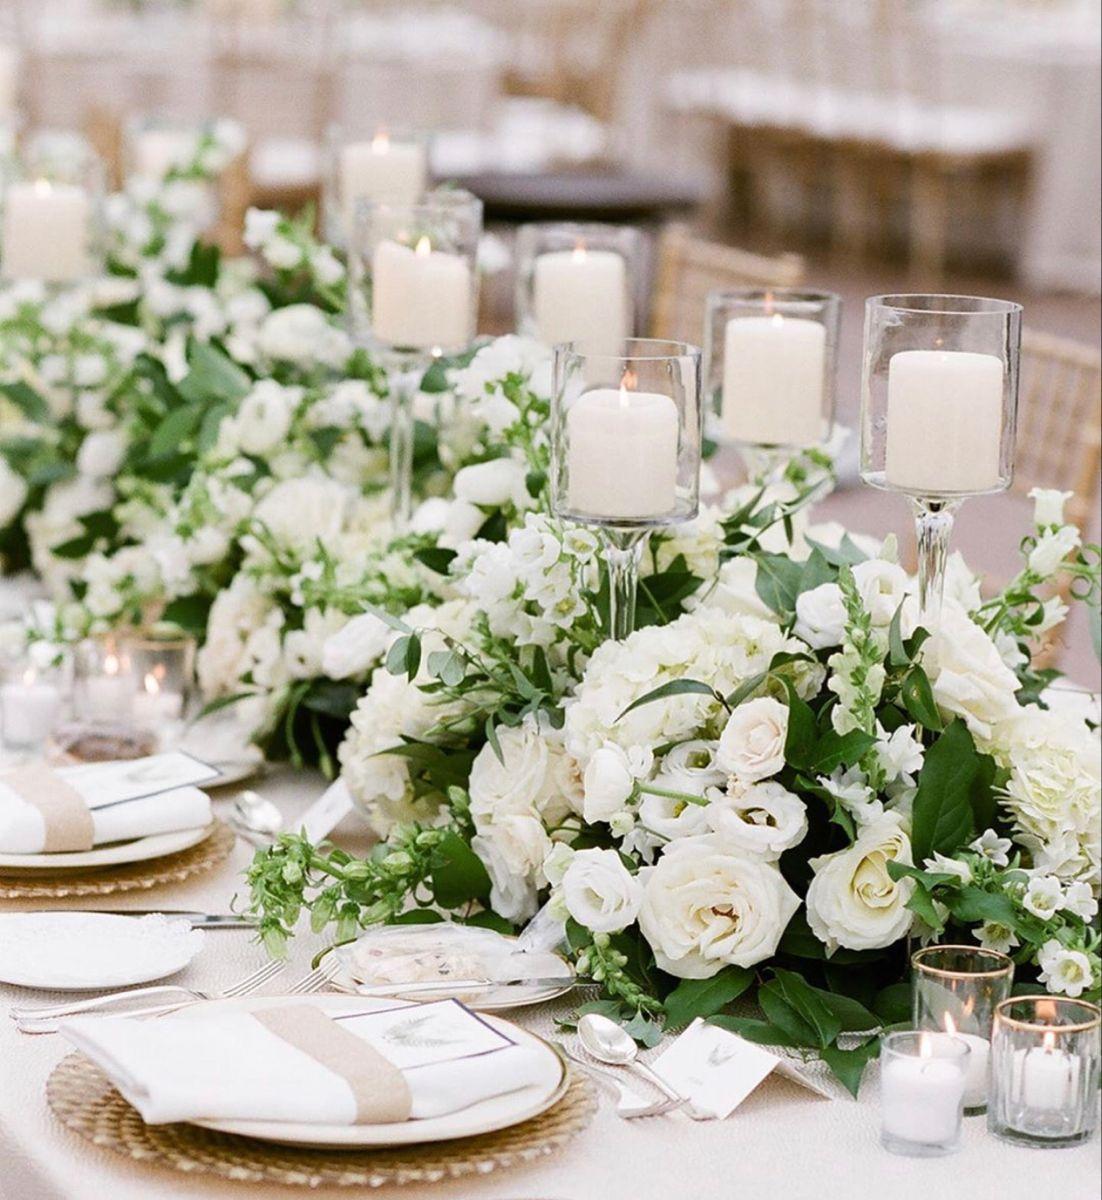 Wedding Centerpieces In 2020 White Flower Arrangements Wedding Flower Arrangements Fall White Wedding Flowers